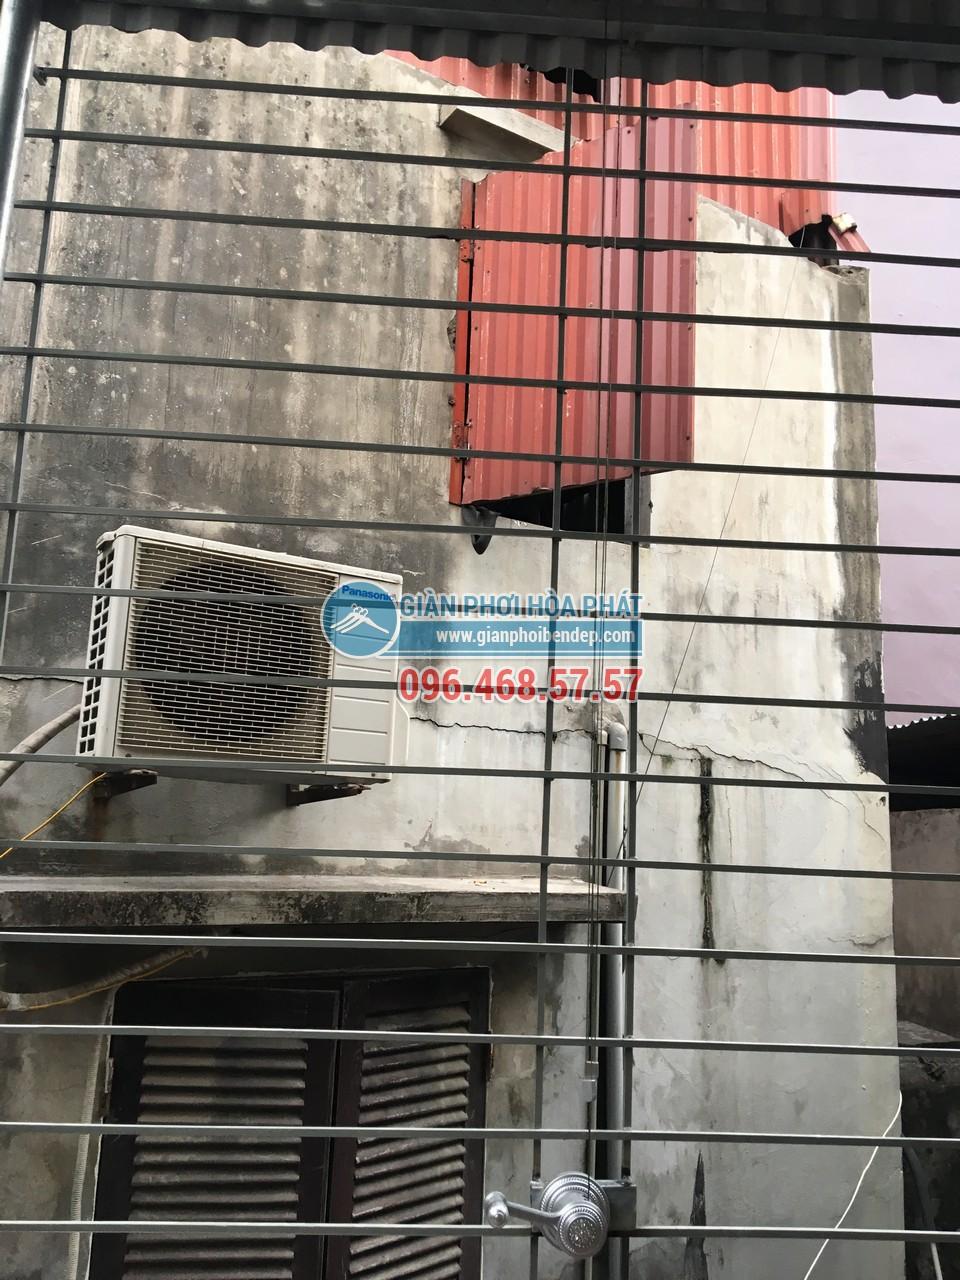 Lắp giàn phơi thông minh cho sân phơi bằng mái tôn nhà anh Chiến, Nguyễn Ngọc Nại - 01